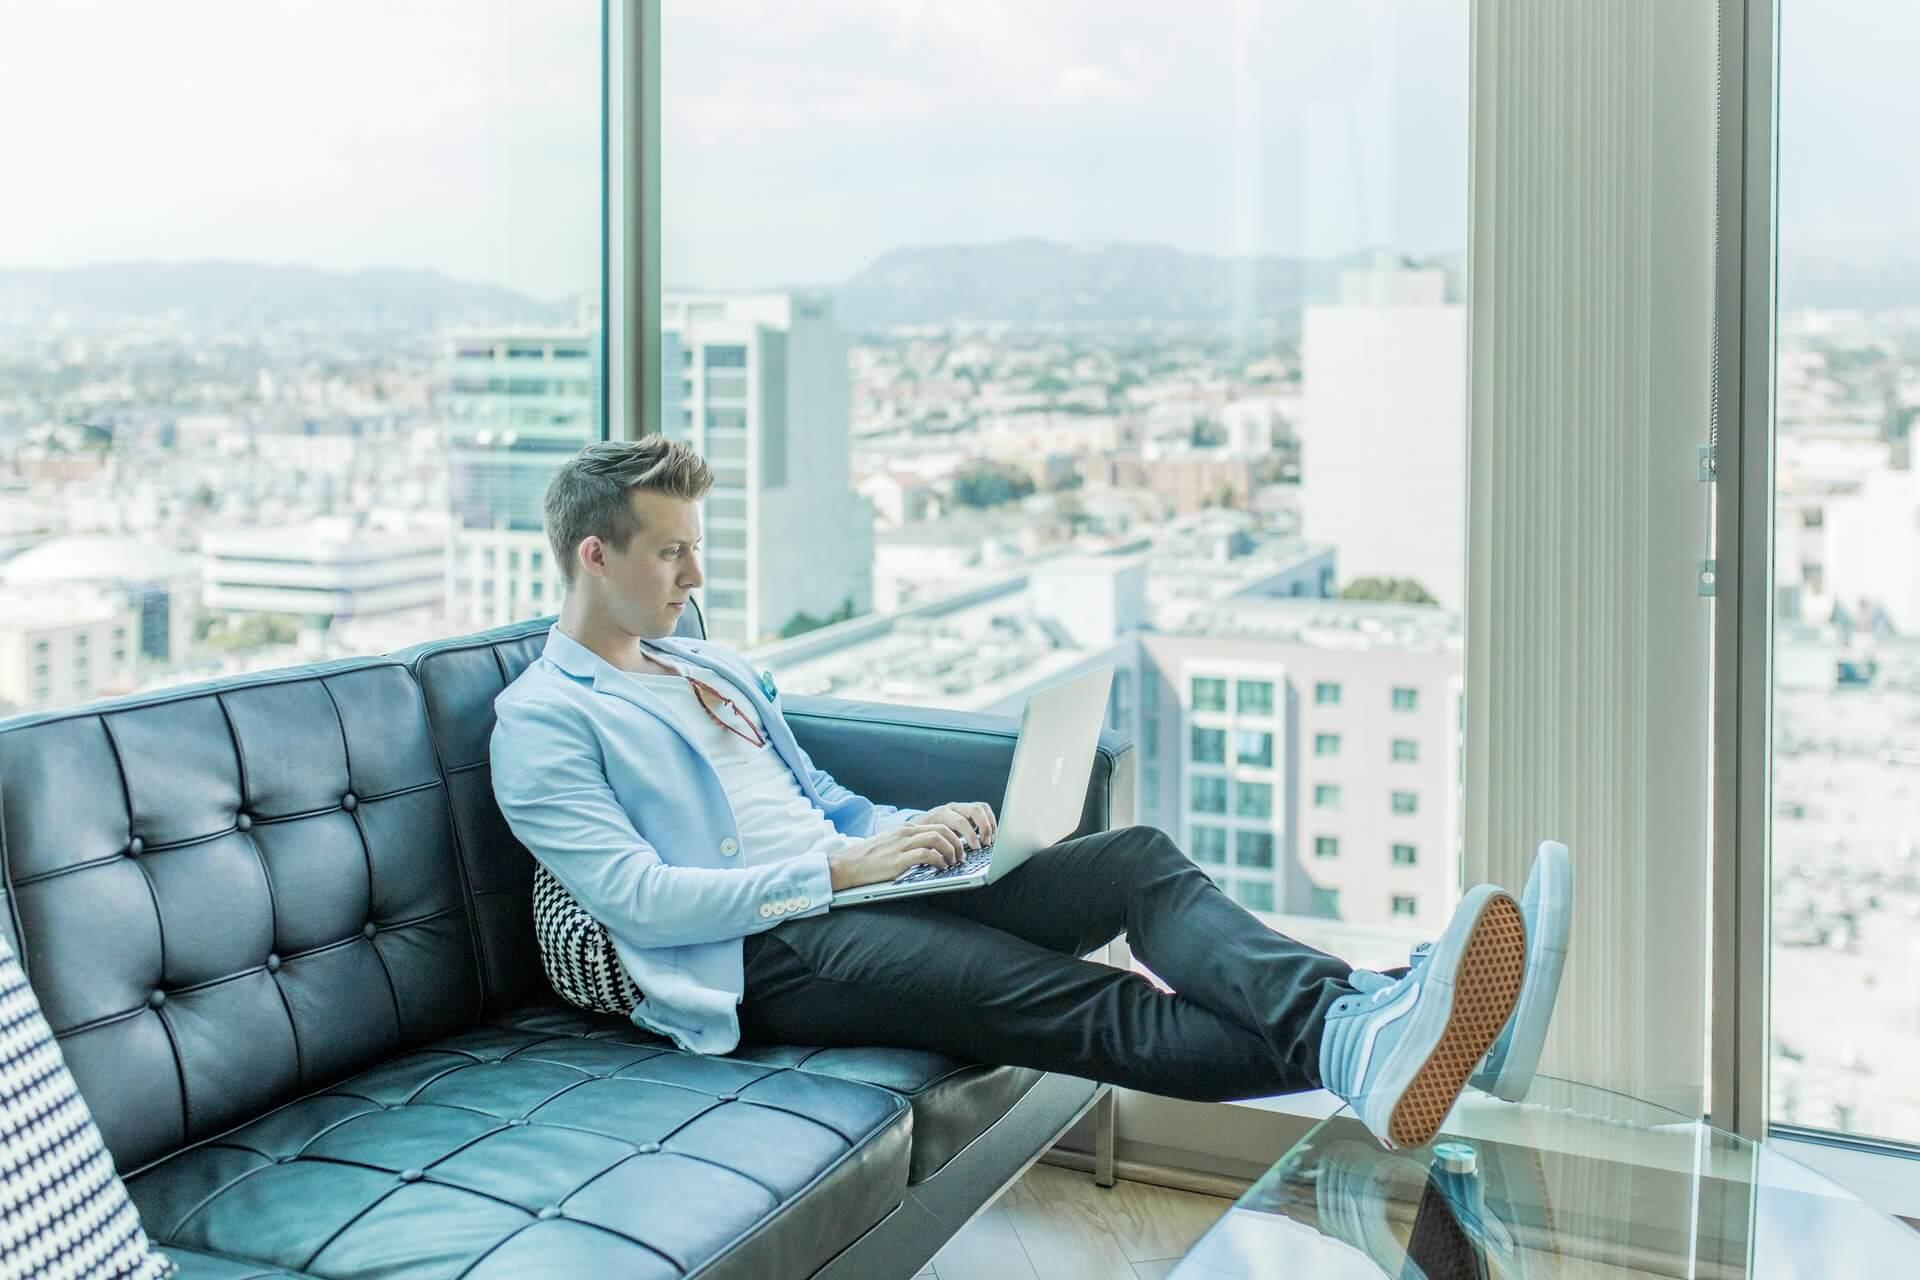 lavorare nell'e-commerce